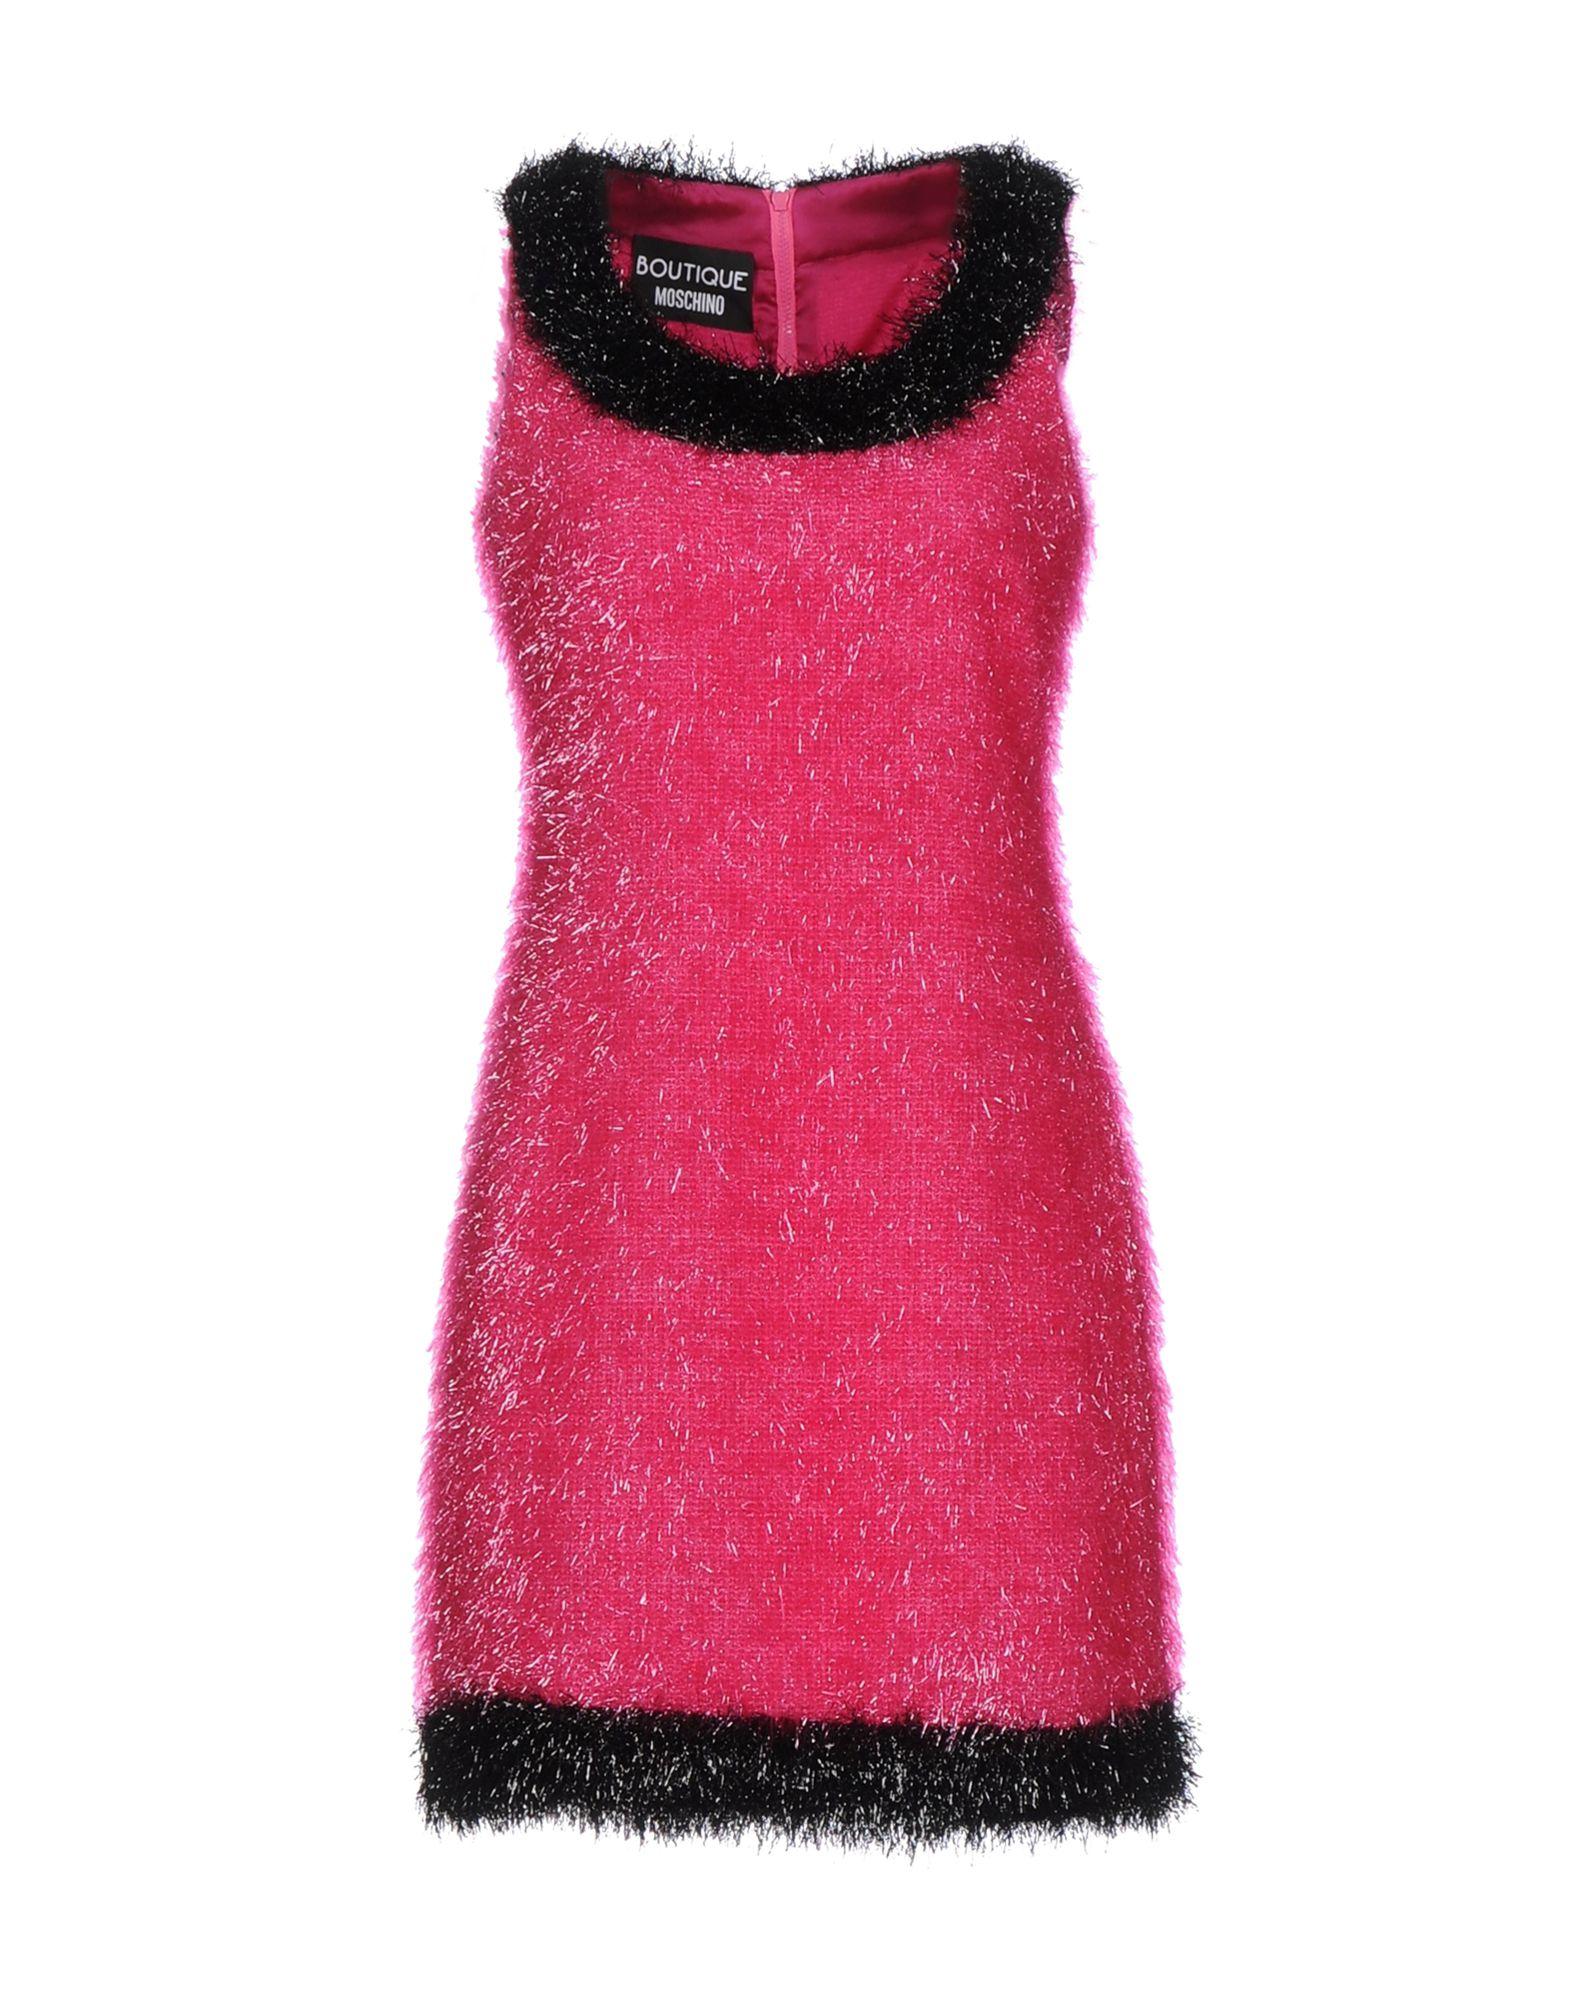 BOUTIQUE MOSCHINO Damen Kurzes Kleid Farbe Fuchsia Größe 5